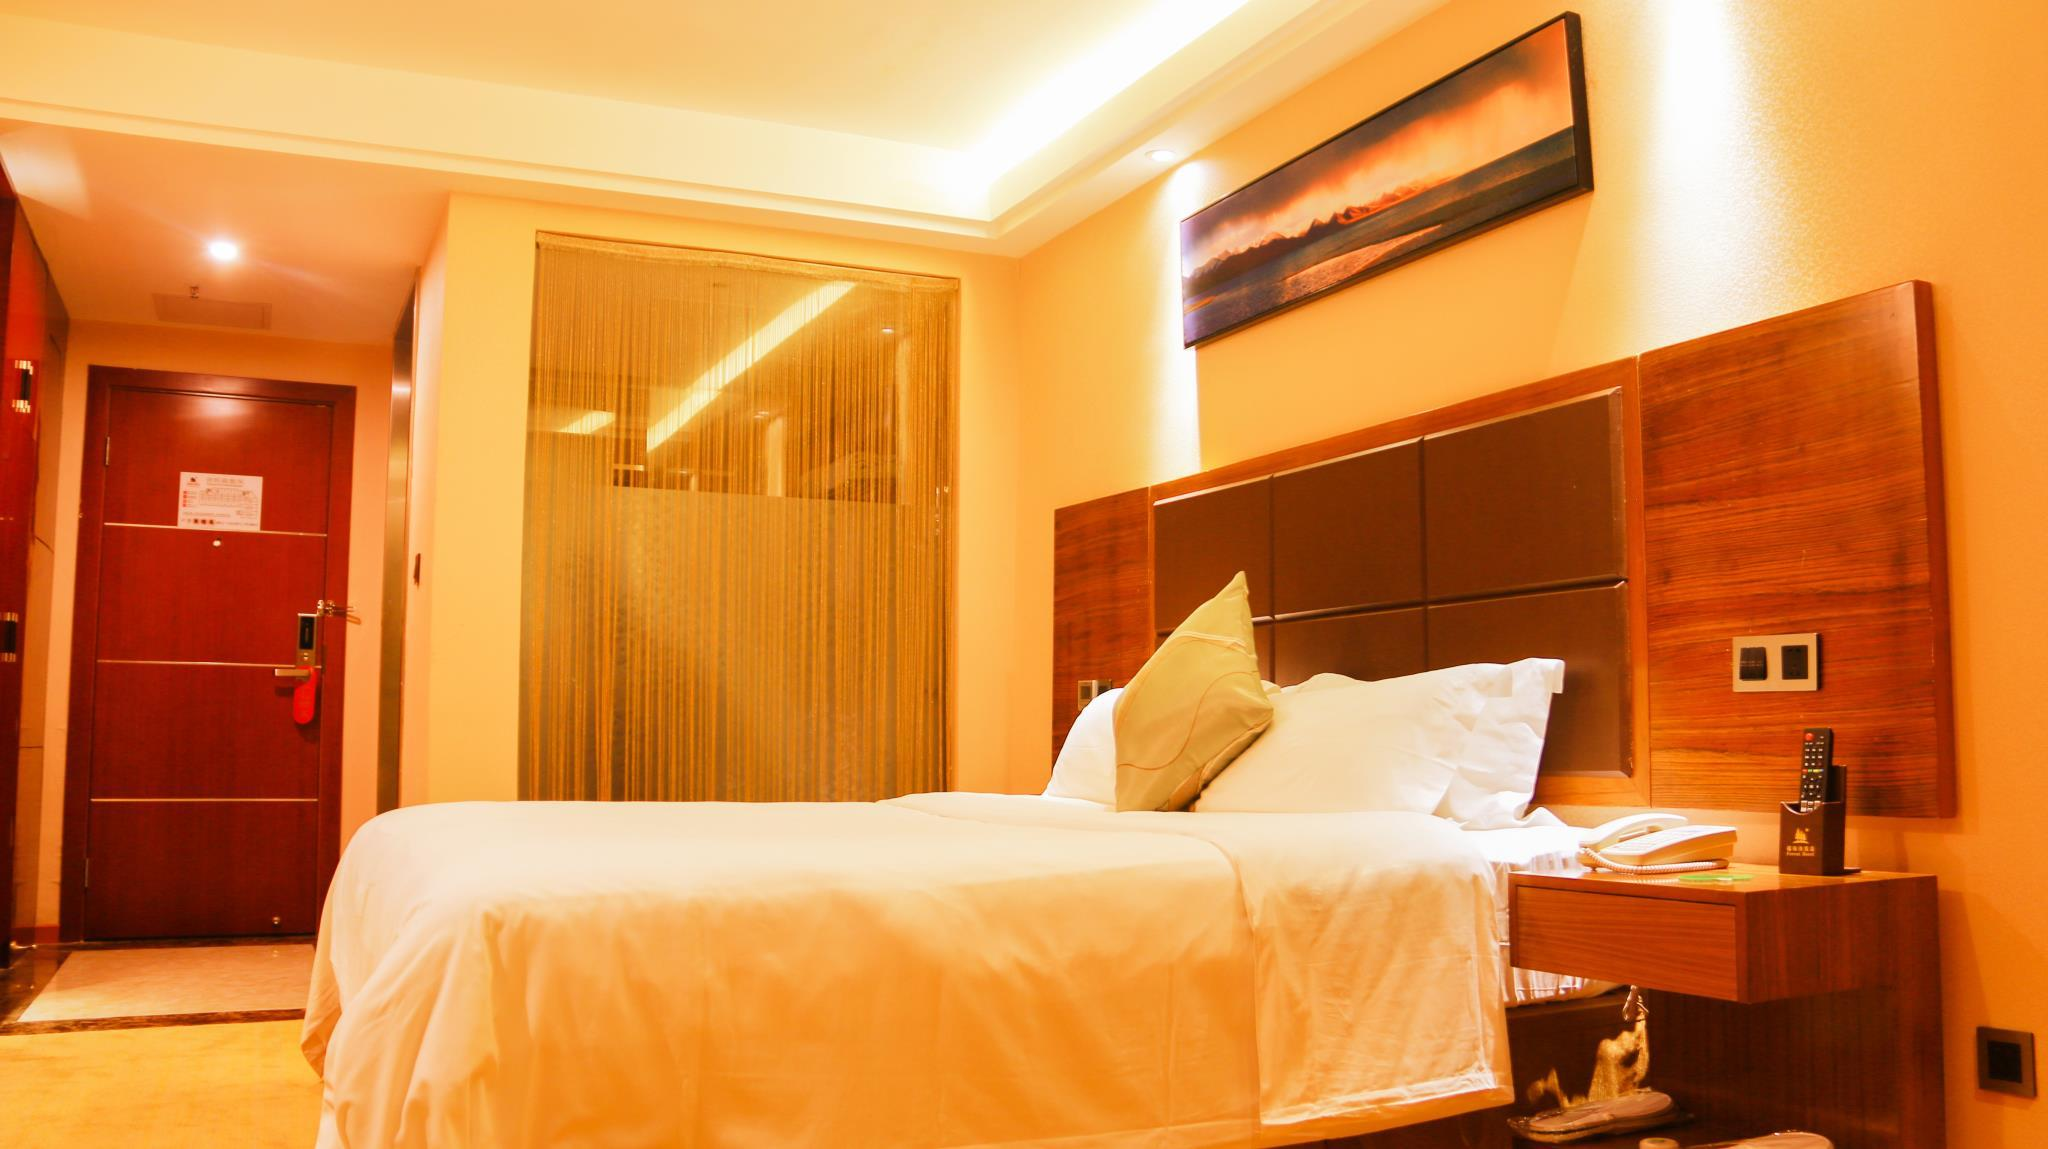 Shenzhen Forest Hotel